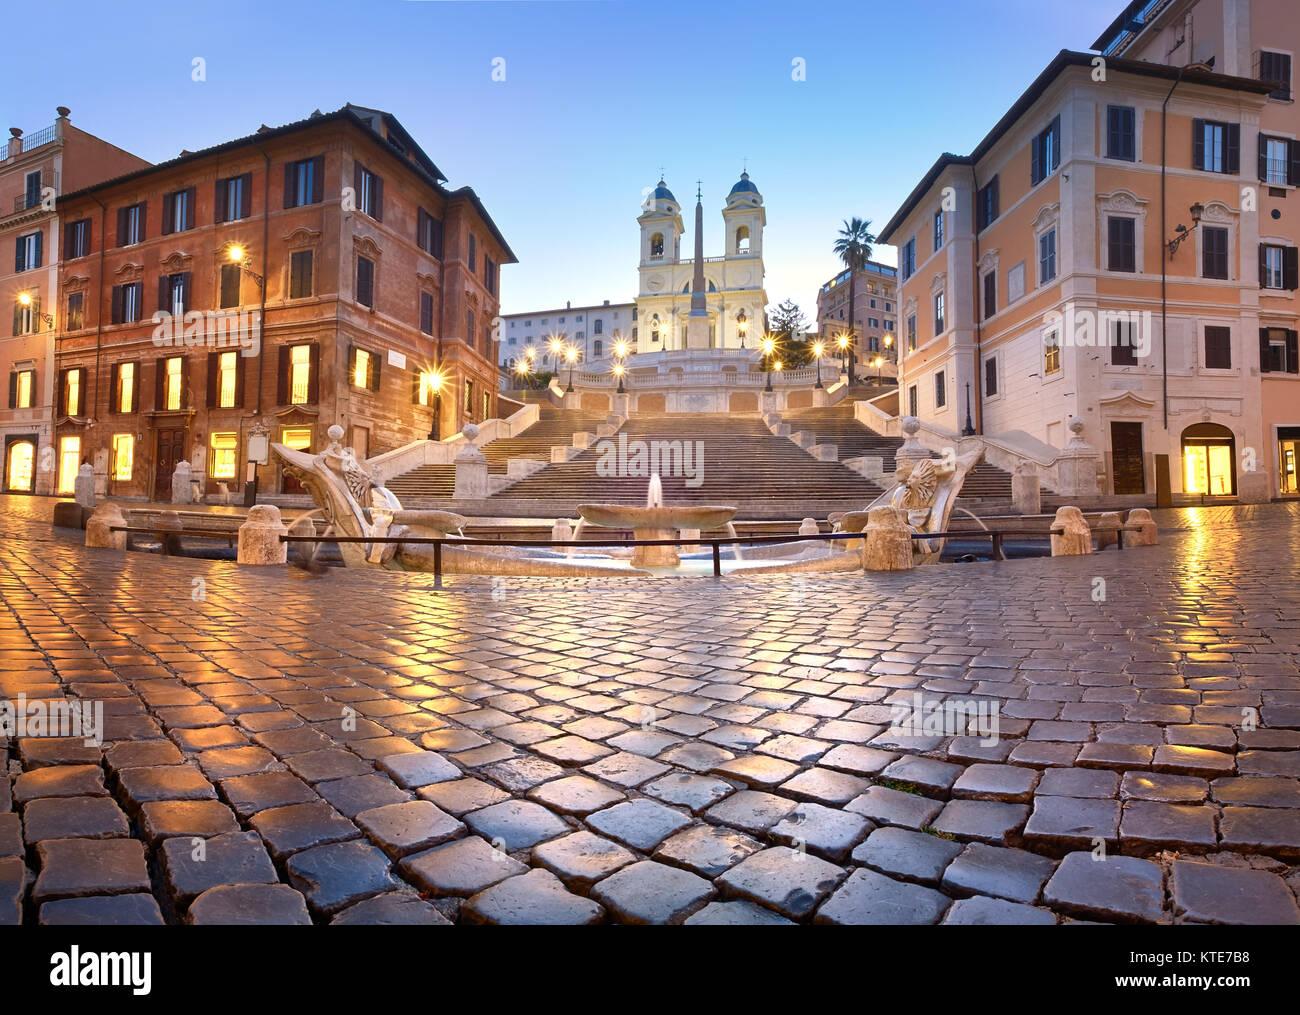 Scalinata di piazza di Spagna e una barca a forma di Fontana sulla Piazza di Spagna a Roma, Italia. La mattina presto Immagini Stock